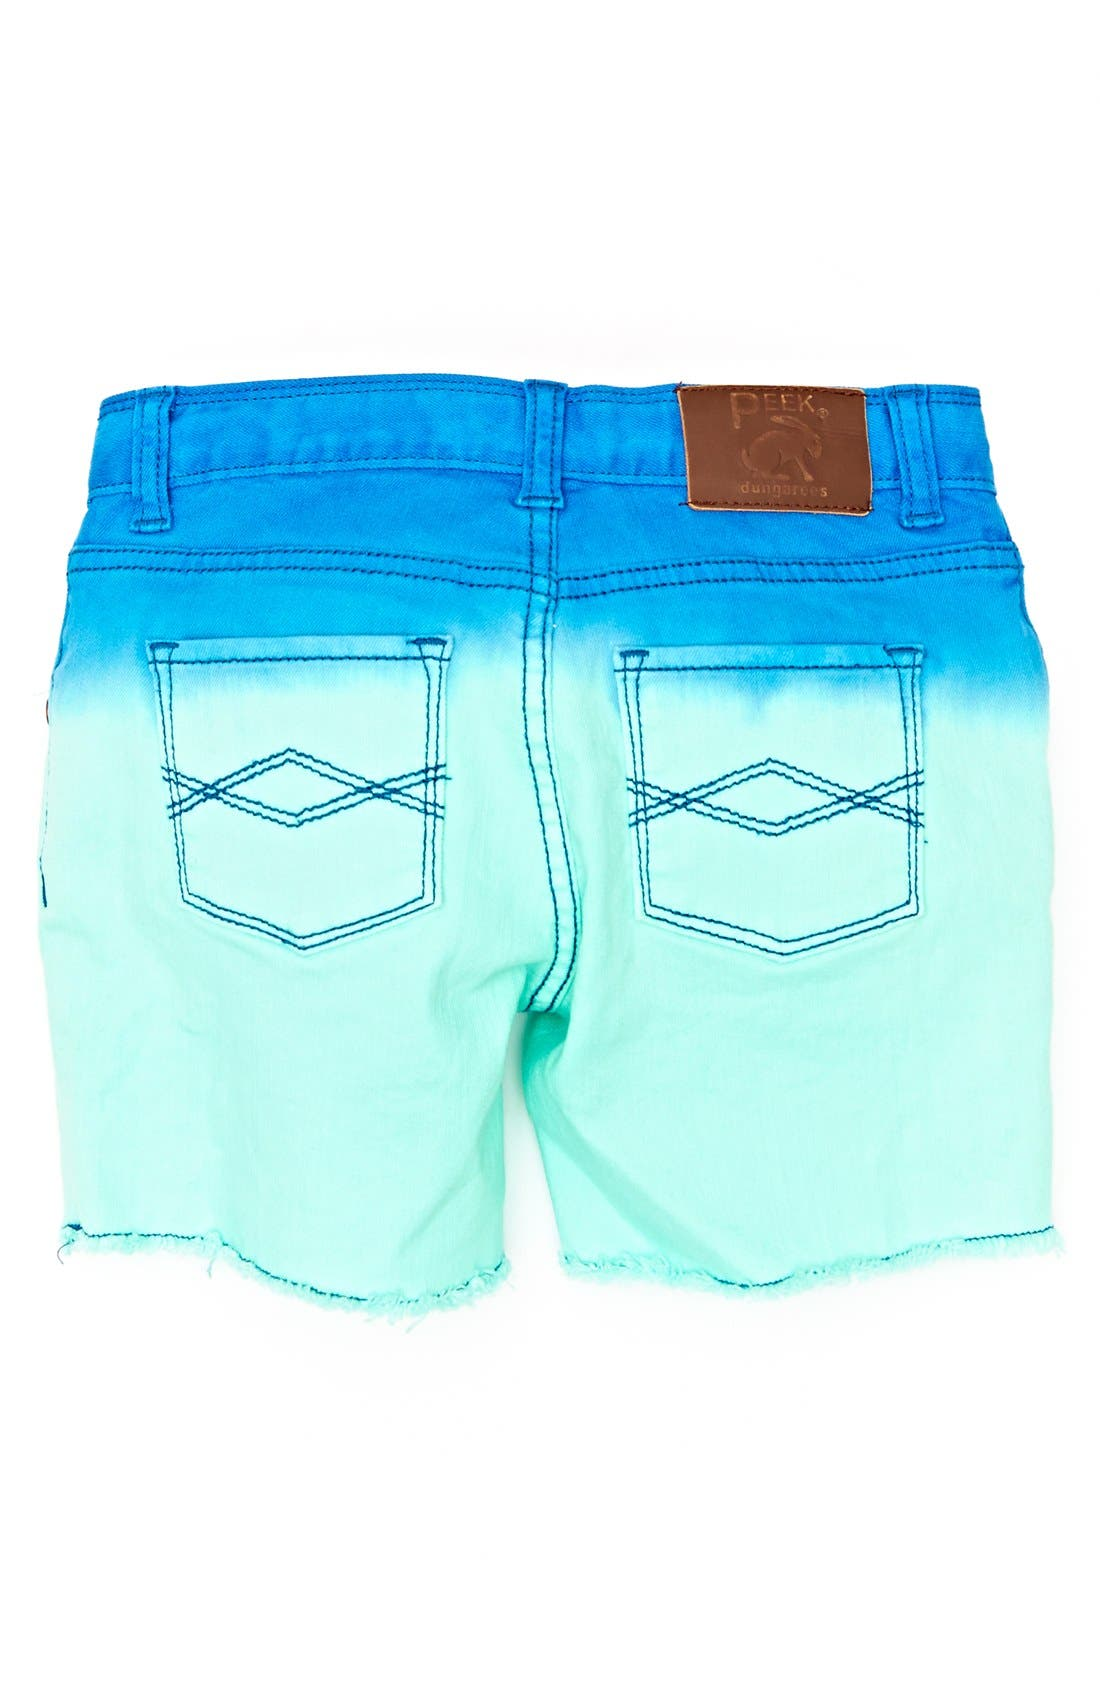 Alternate Image 1 Selected - Peek 'Griffin' Dip Dye Shorts (Toddler Girls, Little Girls & Big Girls)